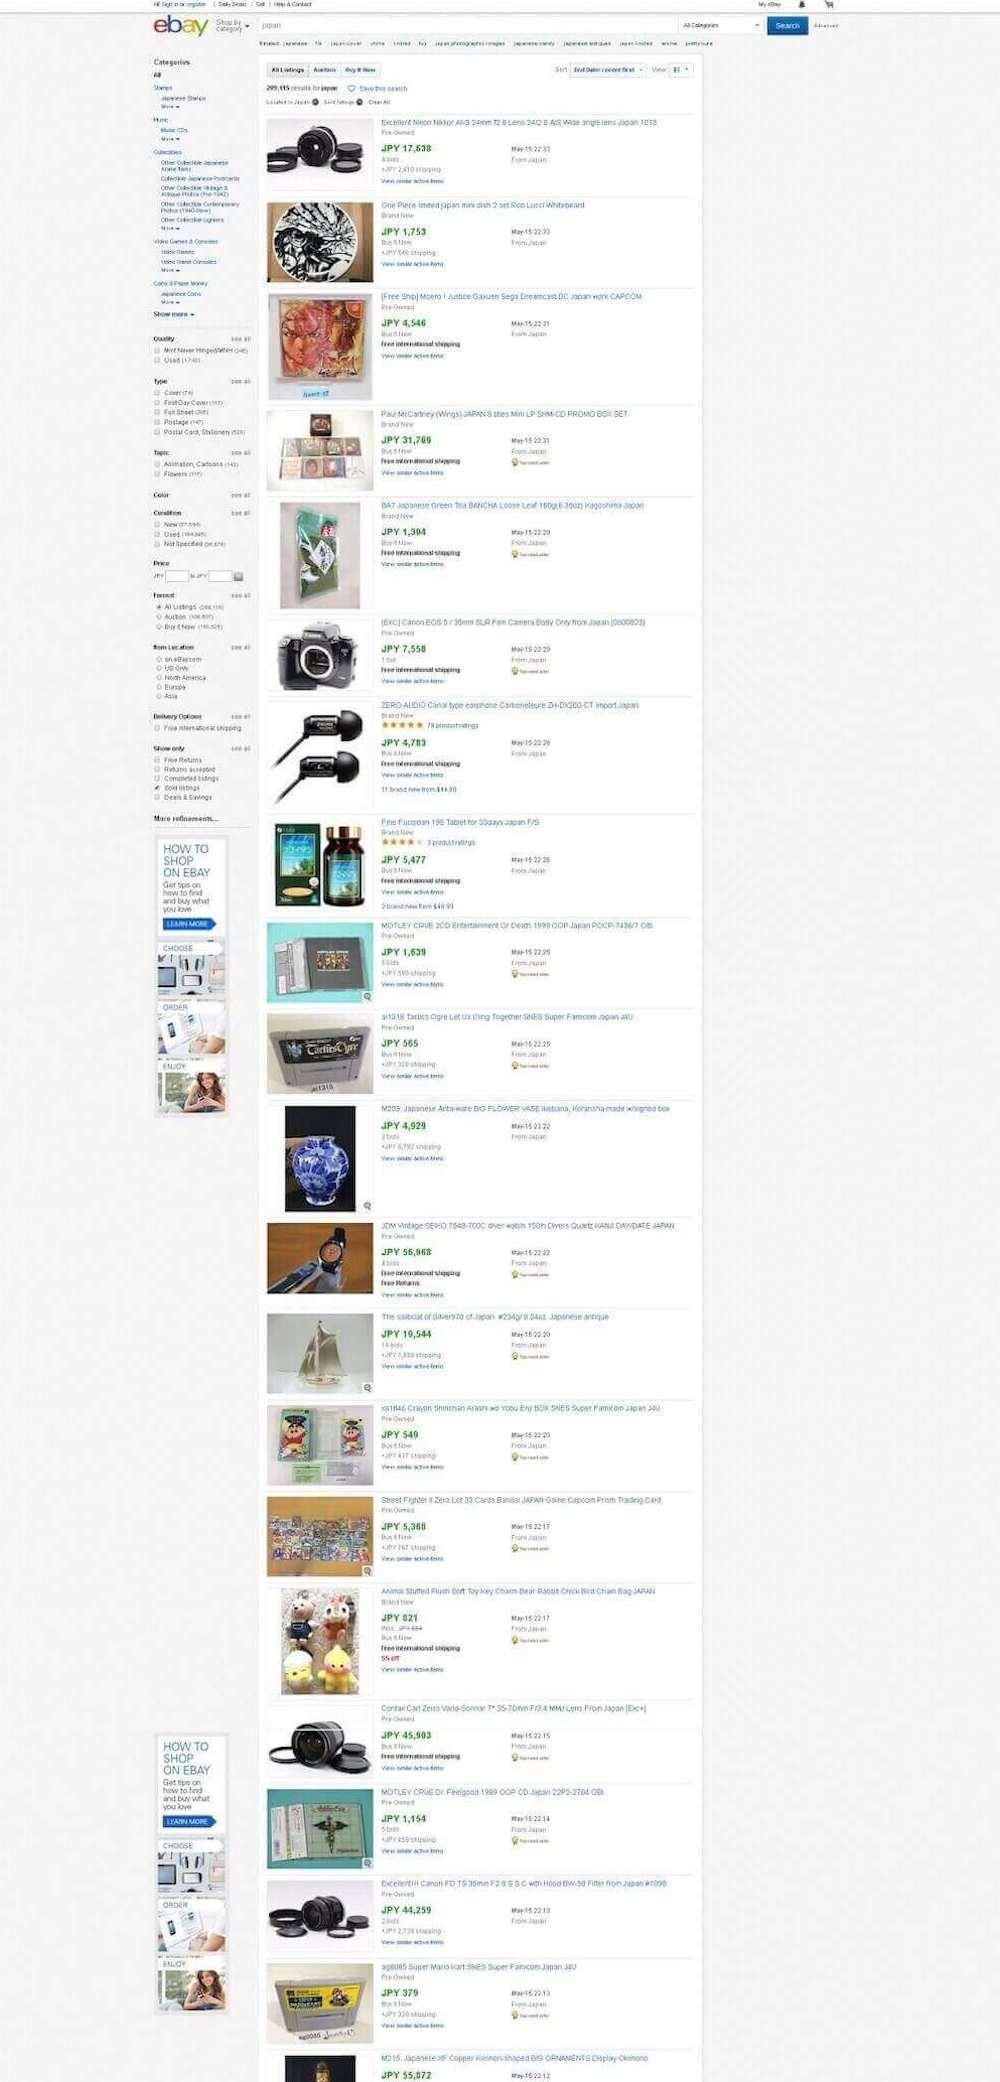 eBay輸出で売れるものは? 売れ筋商品暴露しちゃいます0002